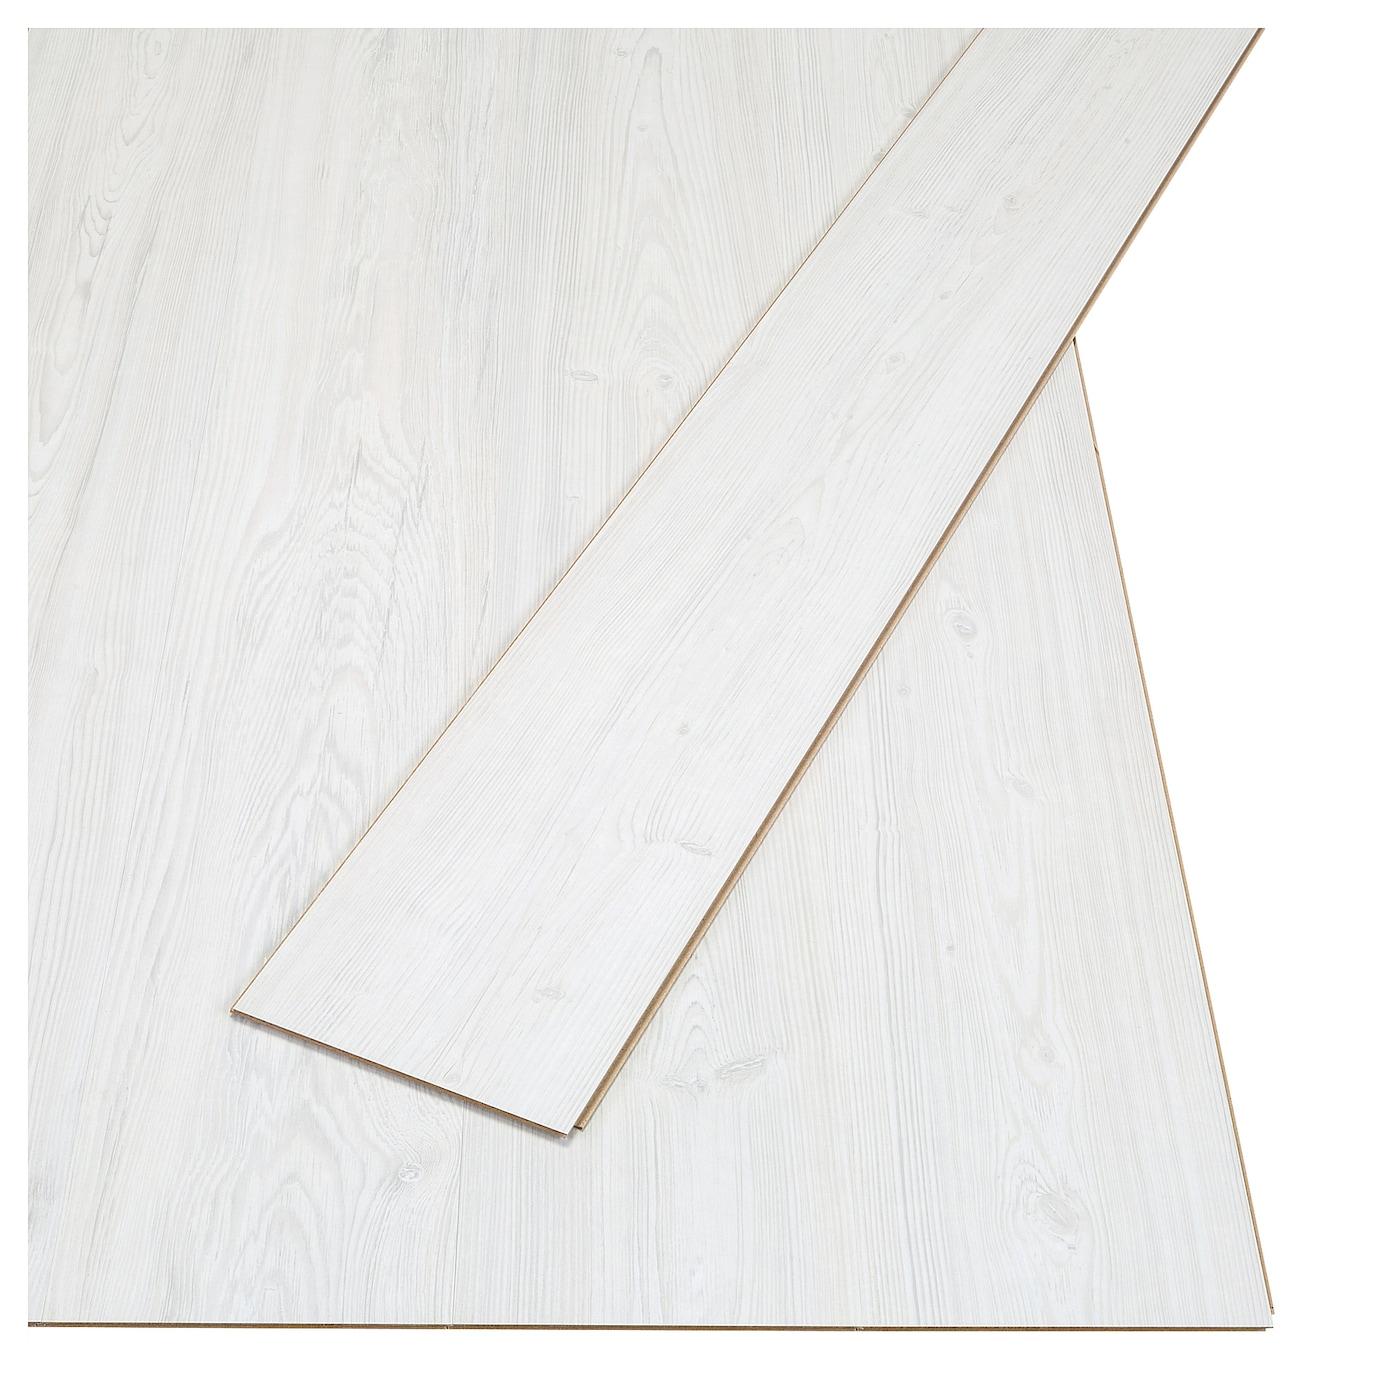 Tundra Laminated Flooring Whitewash